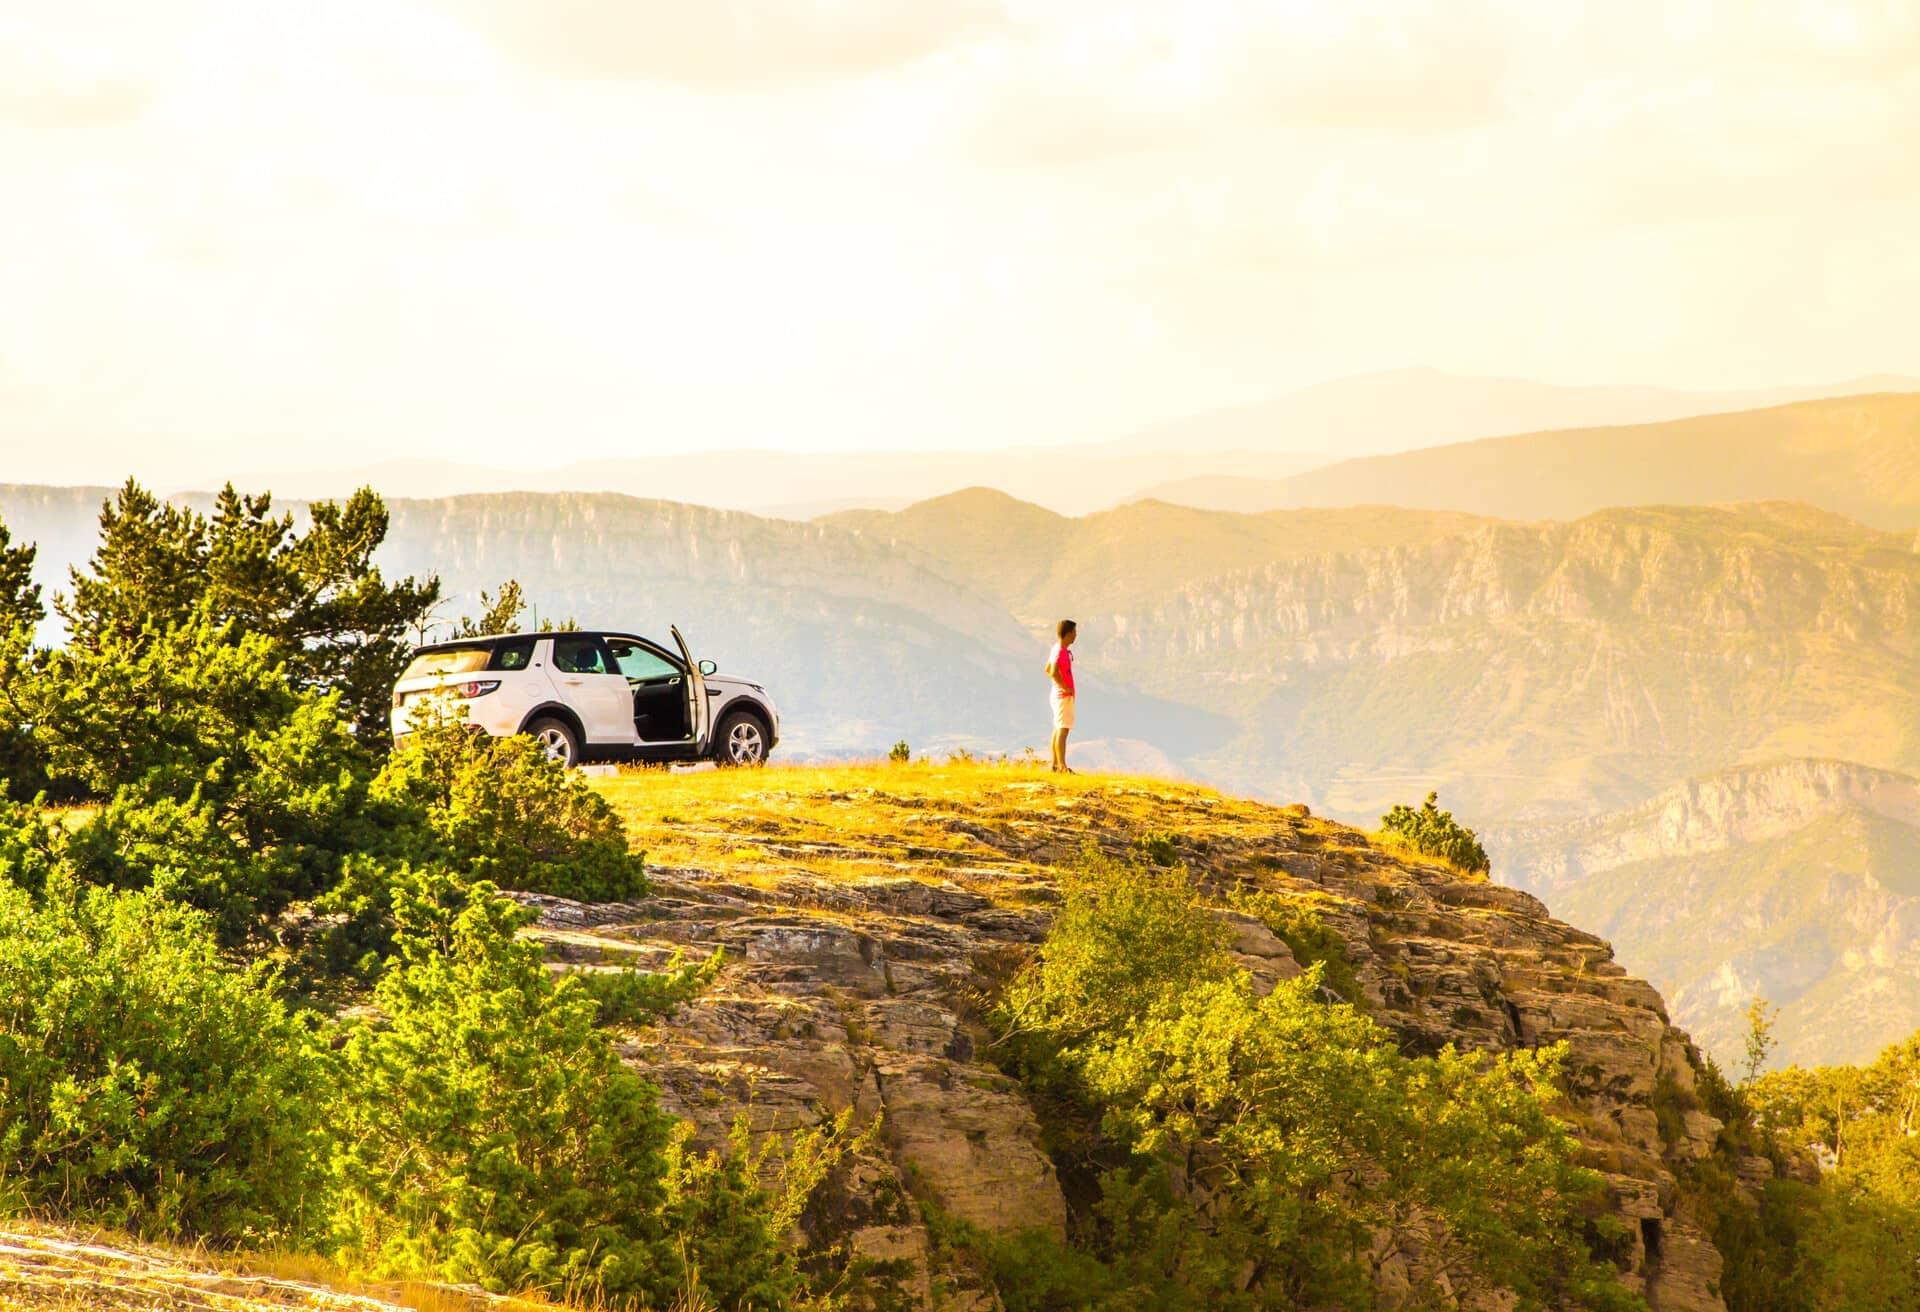 Wunderschöner Ausblick auf die Klippen während eines Roadtrips in Spanien.